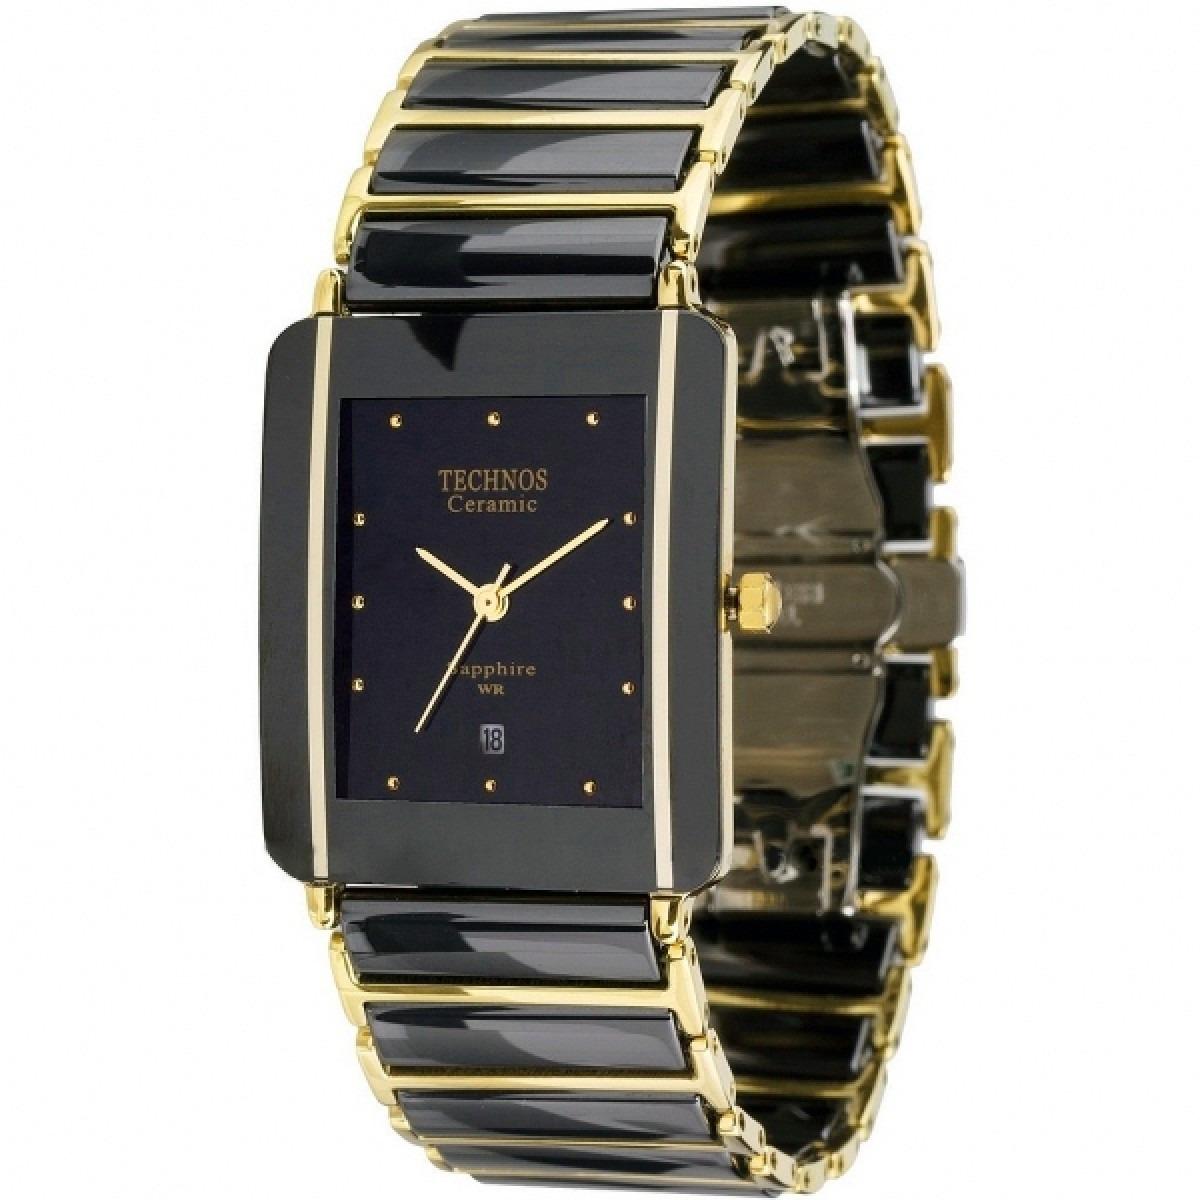 relógio technos gn10aa 4p elegance ceramic sapphire nf-e. Carregando zoom. 0e0ef00c24